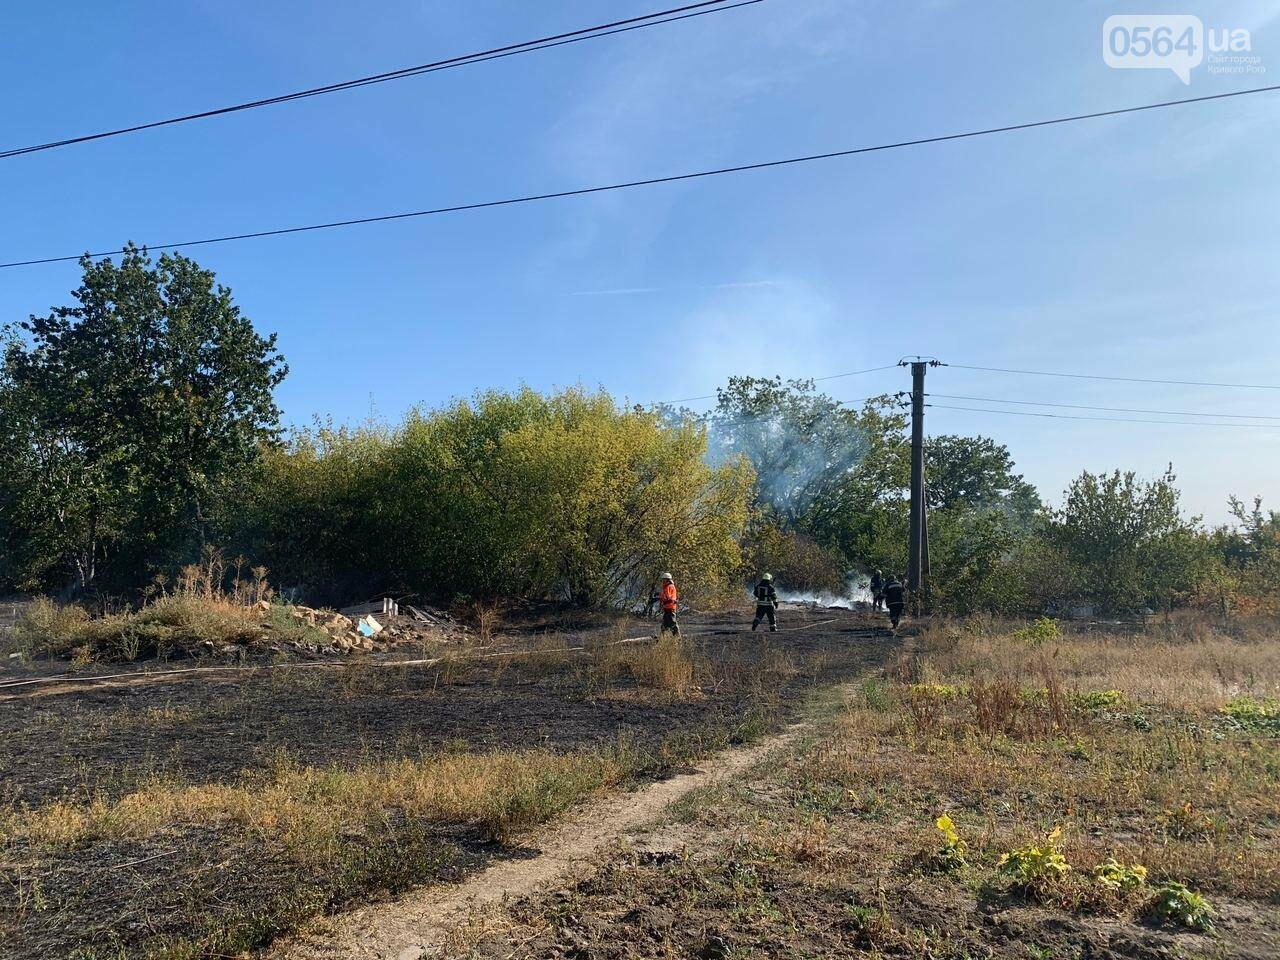 В Кривом Роге возле частного сектора произошел пожар в экосистеме, - ФОТО , фото-7